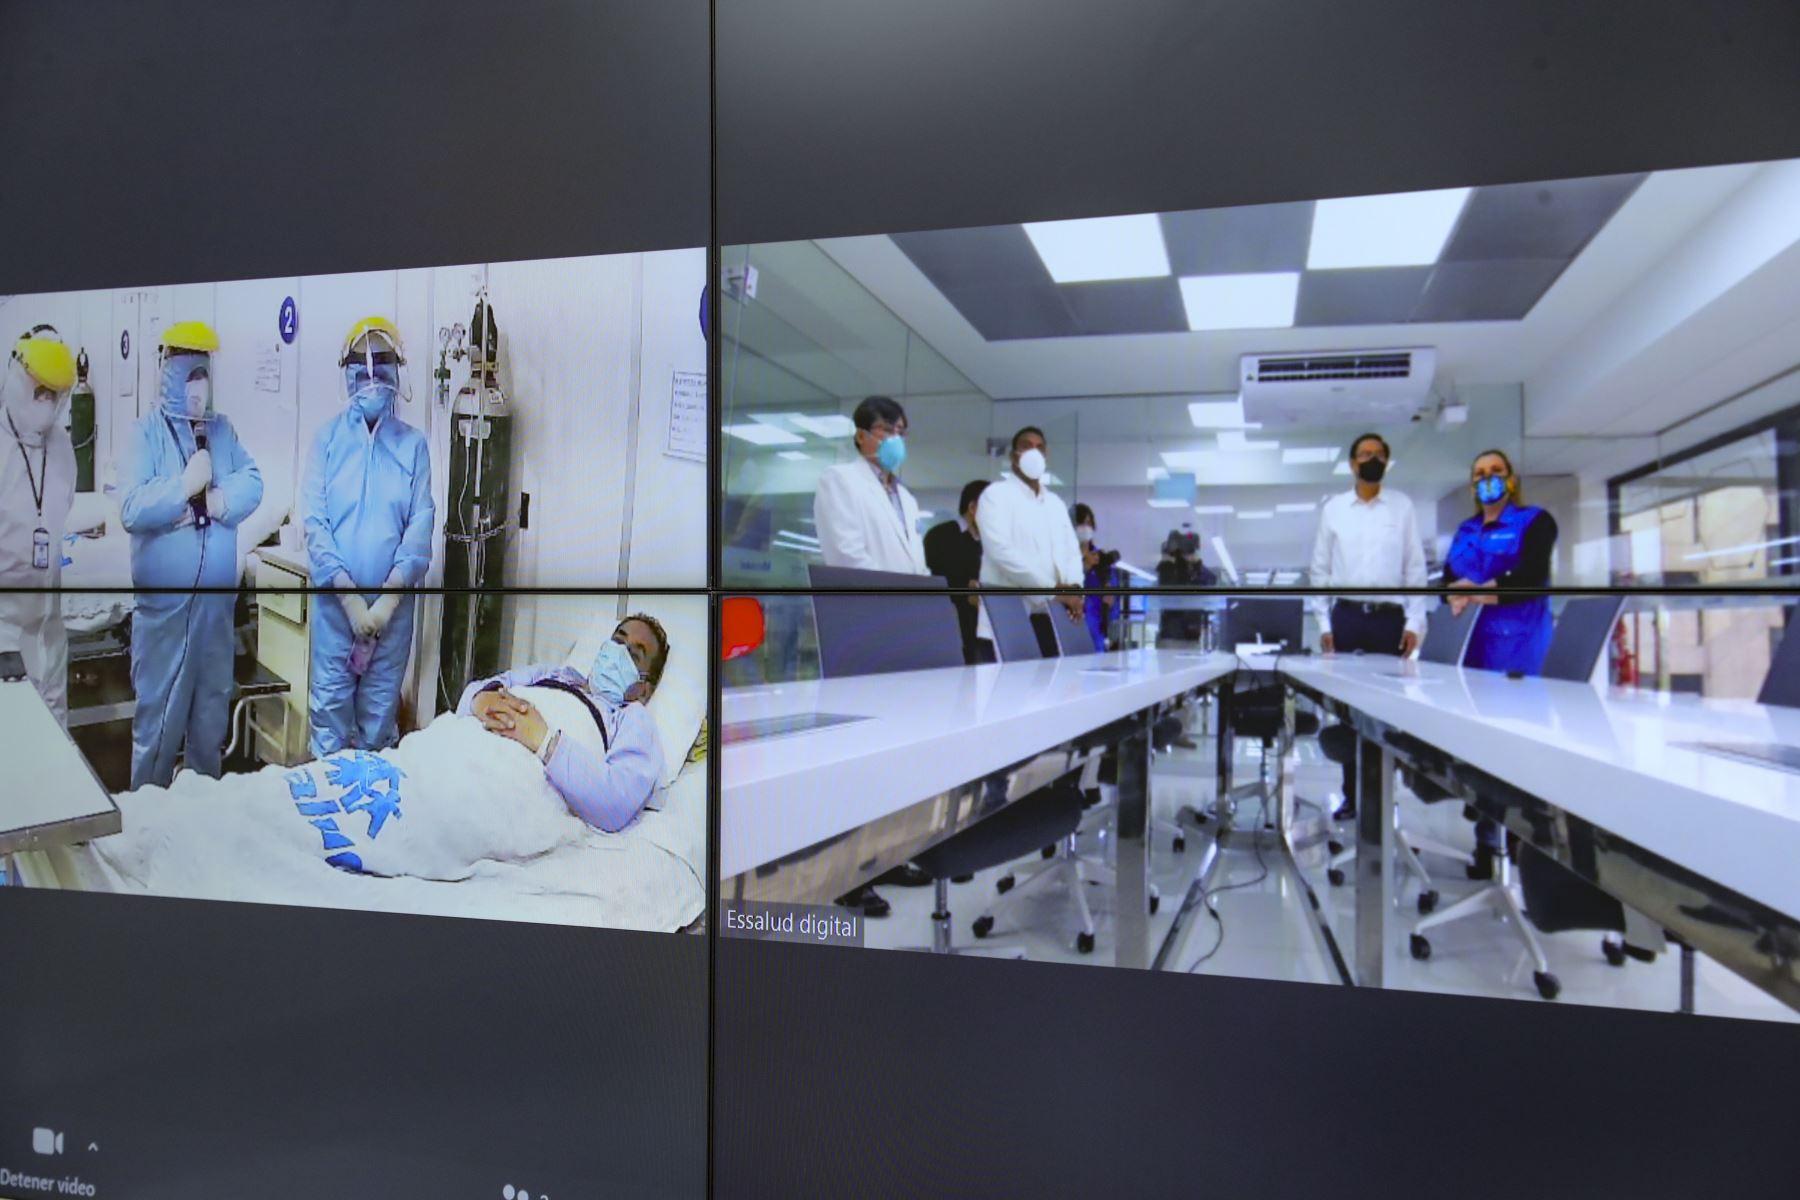 Centro Nacional de Telemedicina, moderna infraestructura tecnológica que llevará atención médica a todo el país. Foto: ANDINA/Prensa Presidencia